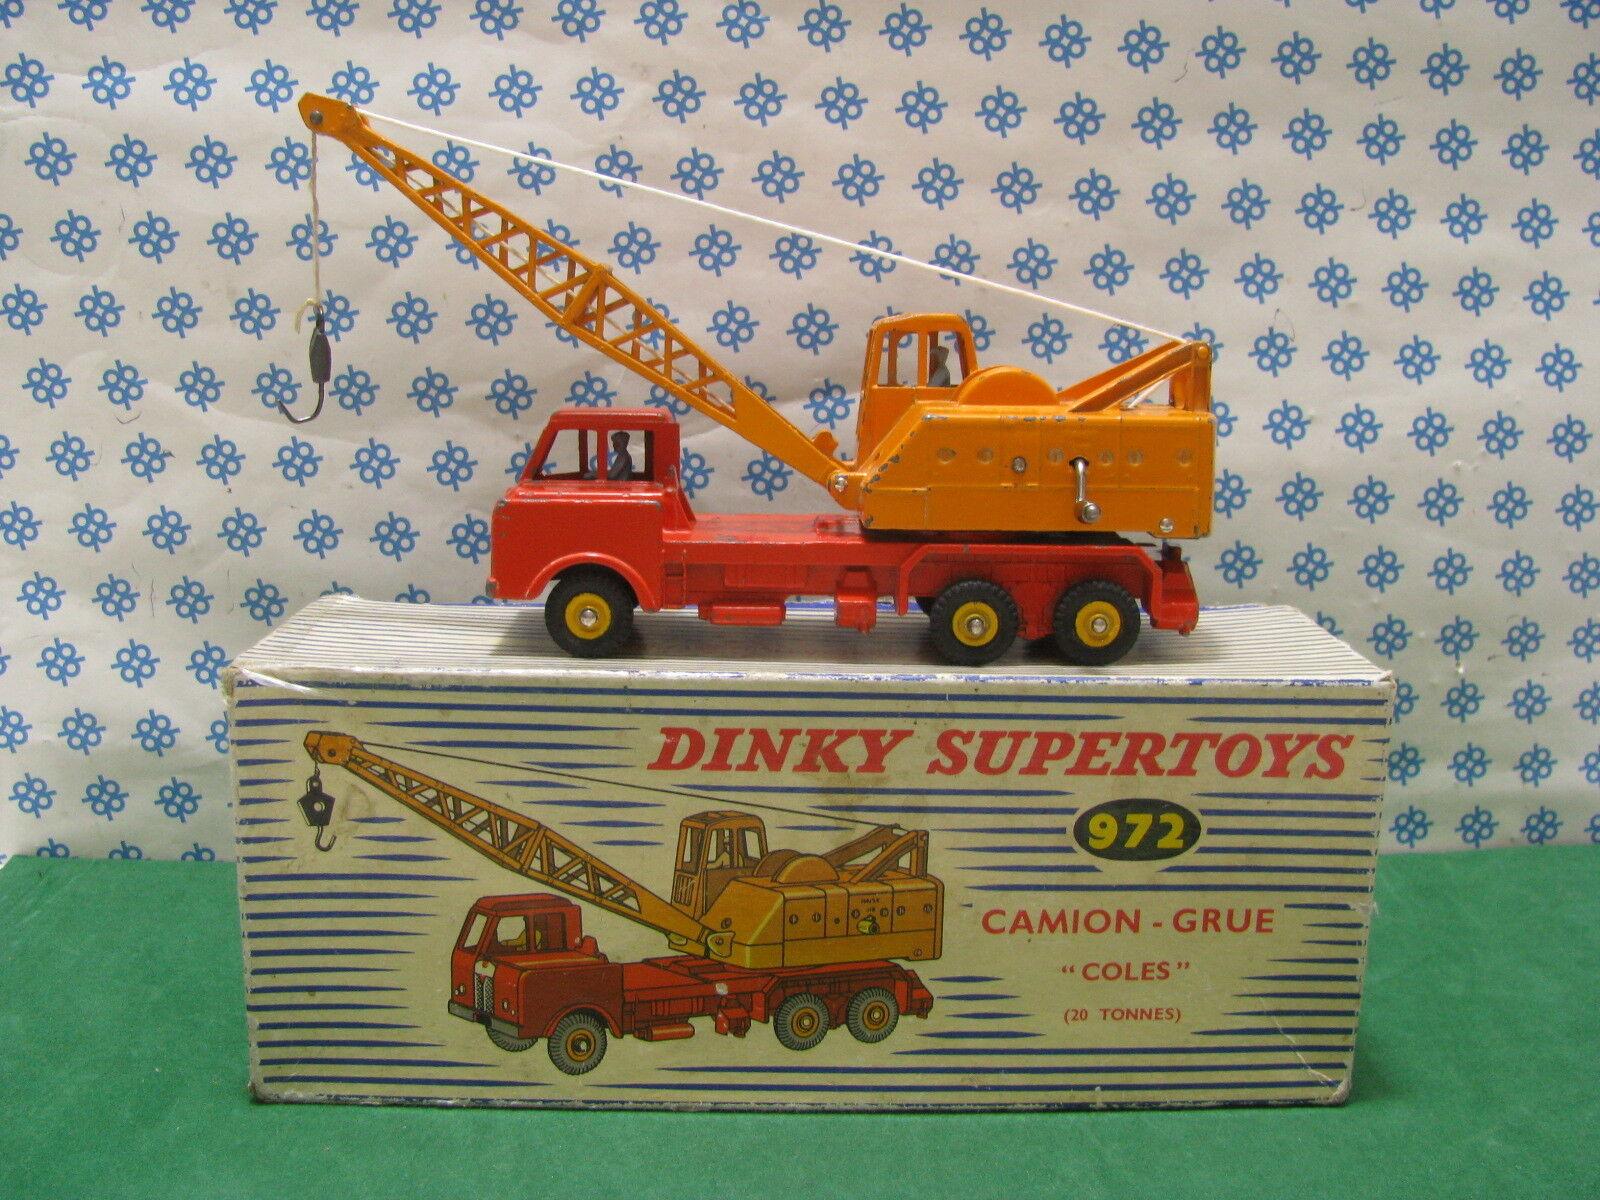 Vintage - 20 Ton Monté sur Camion Crane - Dinky Supertoys 972 Assemble Fr France